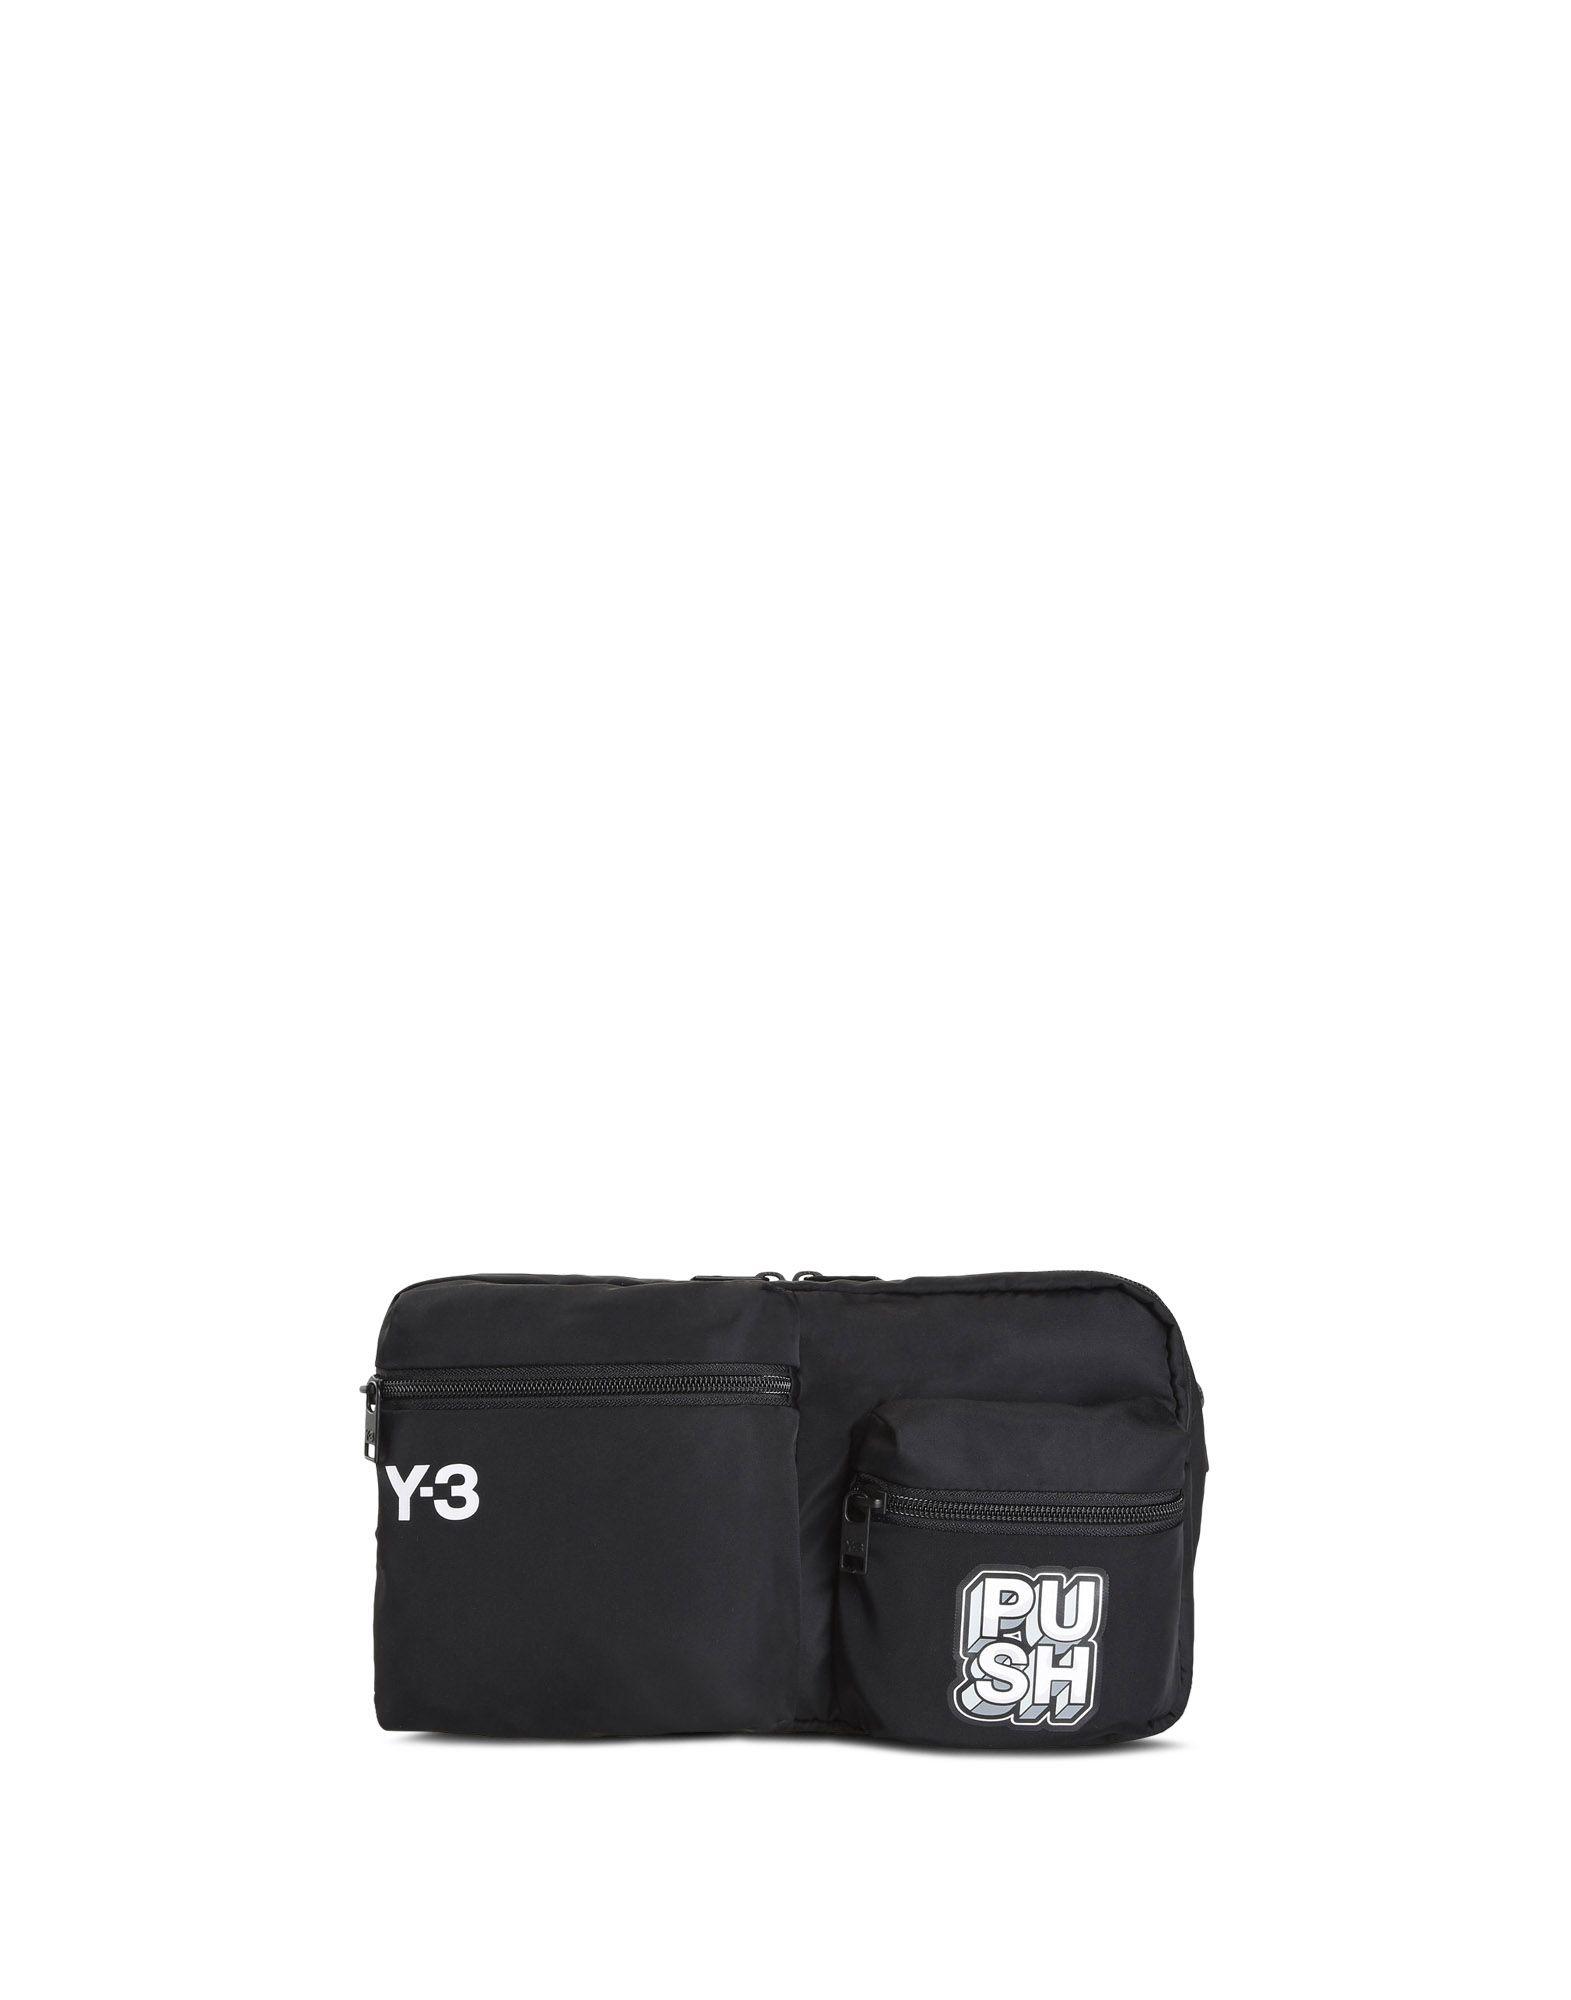 Y-3 SEASON FAN BAG BAGS unisex Y-3 adidas